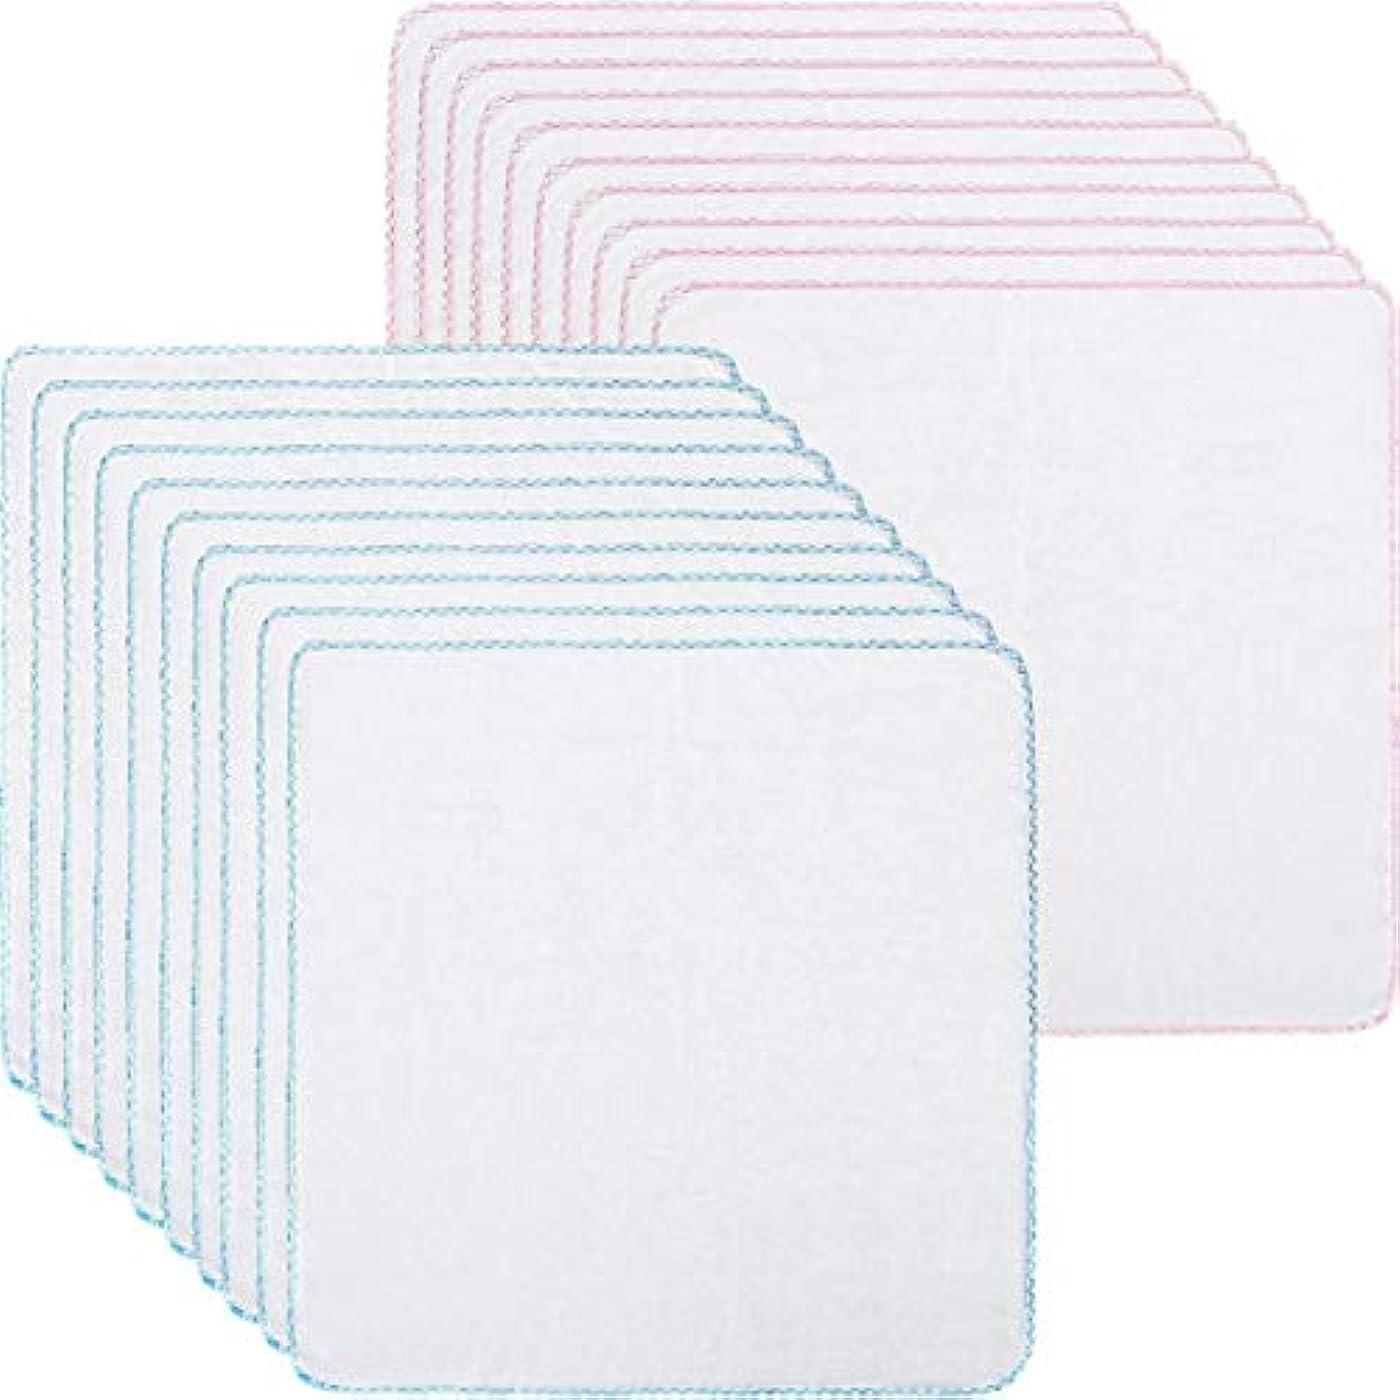 泥棒敬礼師匠Yoshilimen 洗練された20個のピュアコットンフェイシャルクレンジングモスリンクロスソフトフェイシャルクレンジングメイクリムーバー布、青とピンク